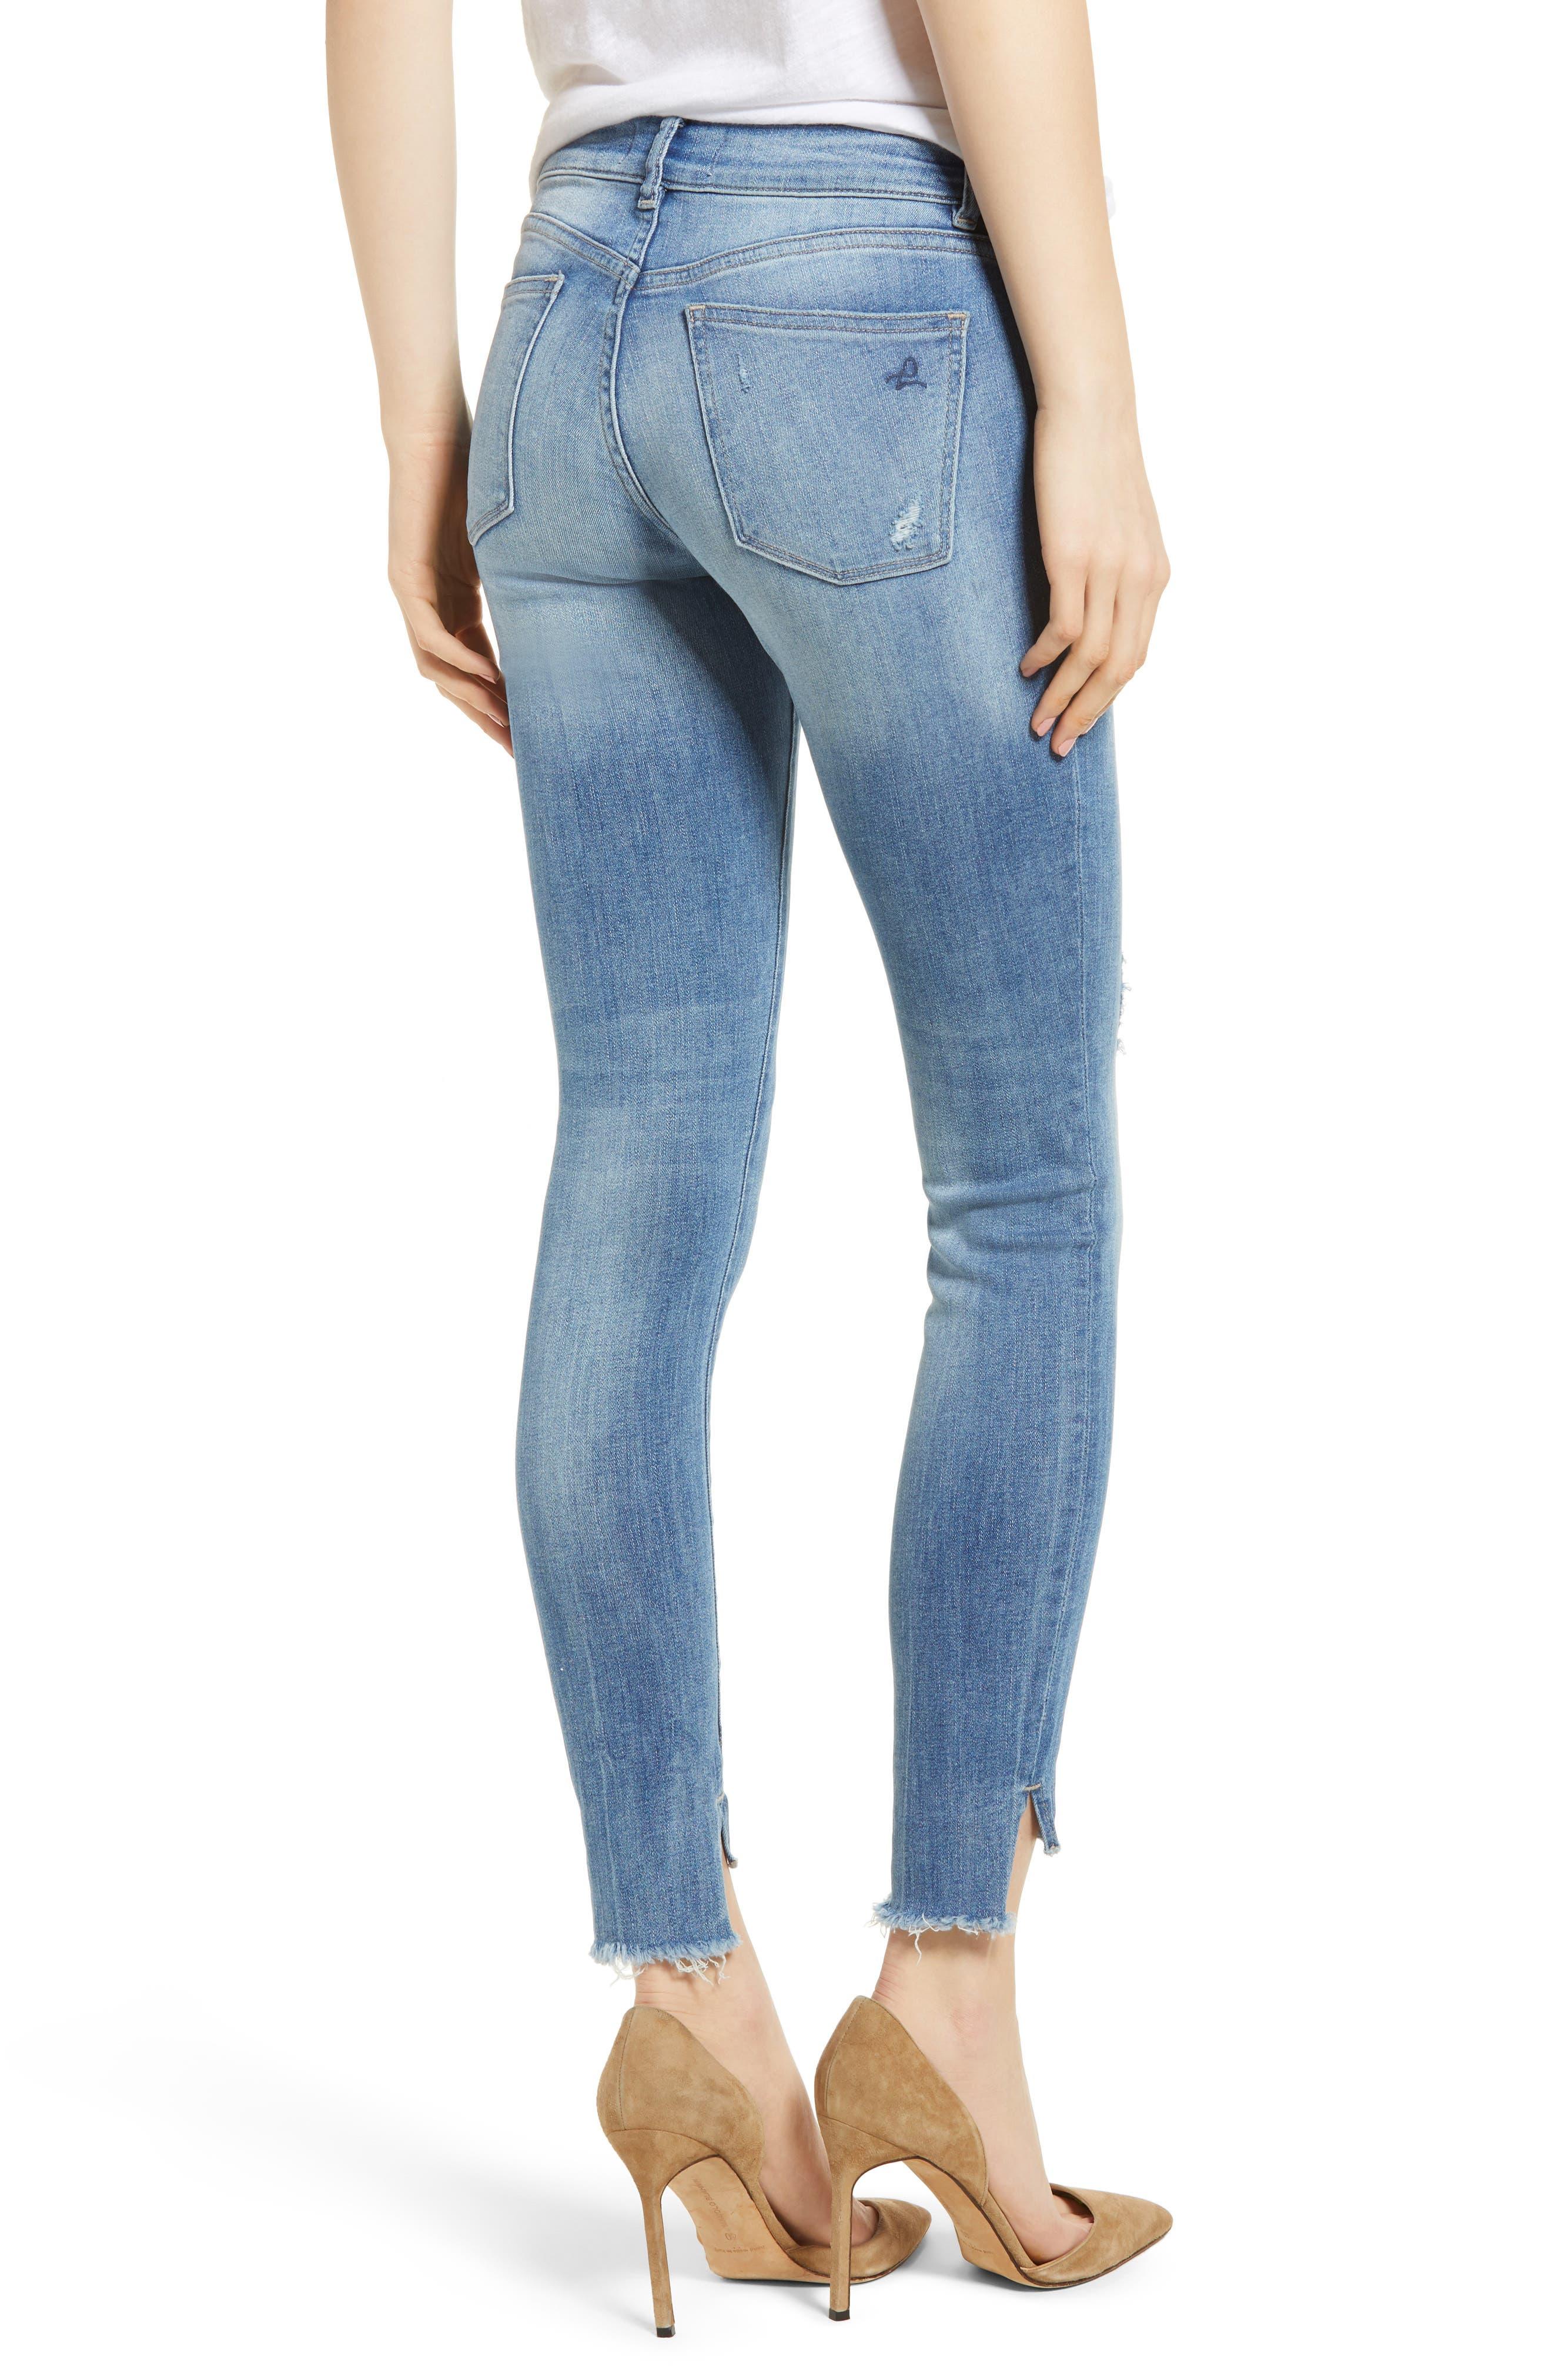 Emma Power Legging Skinny Jeans,                             Alternate thumbnail 2, color,                             MELBOURNE